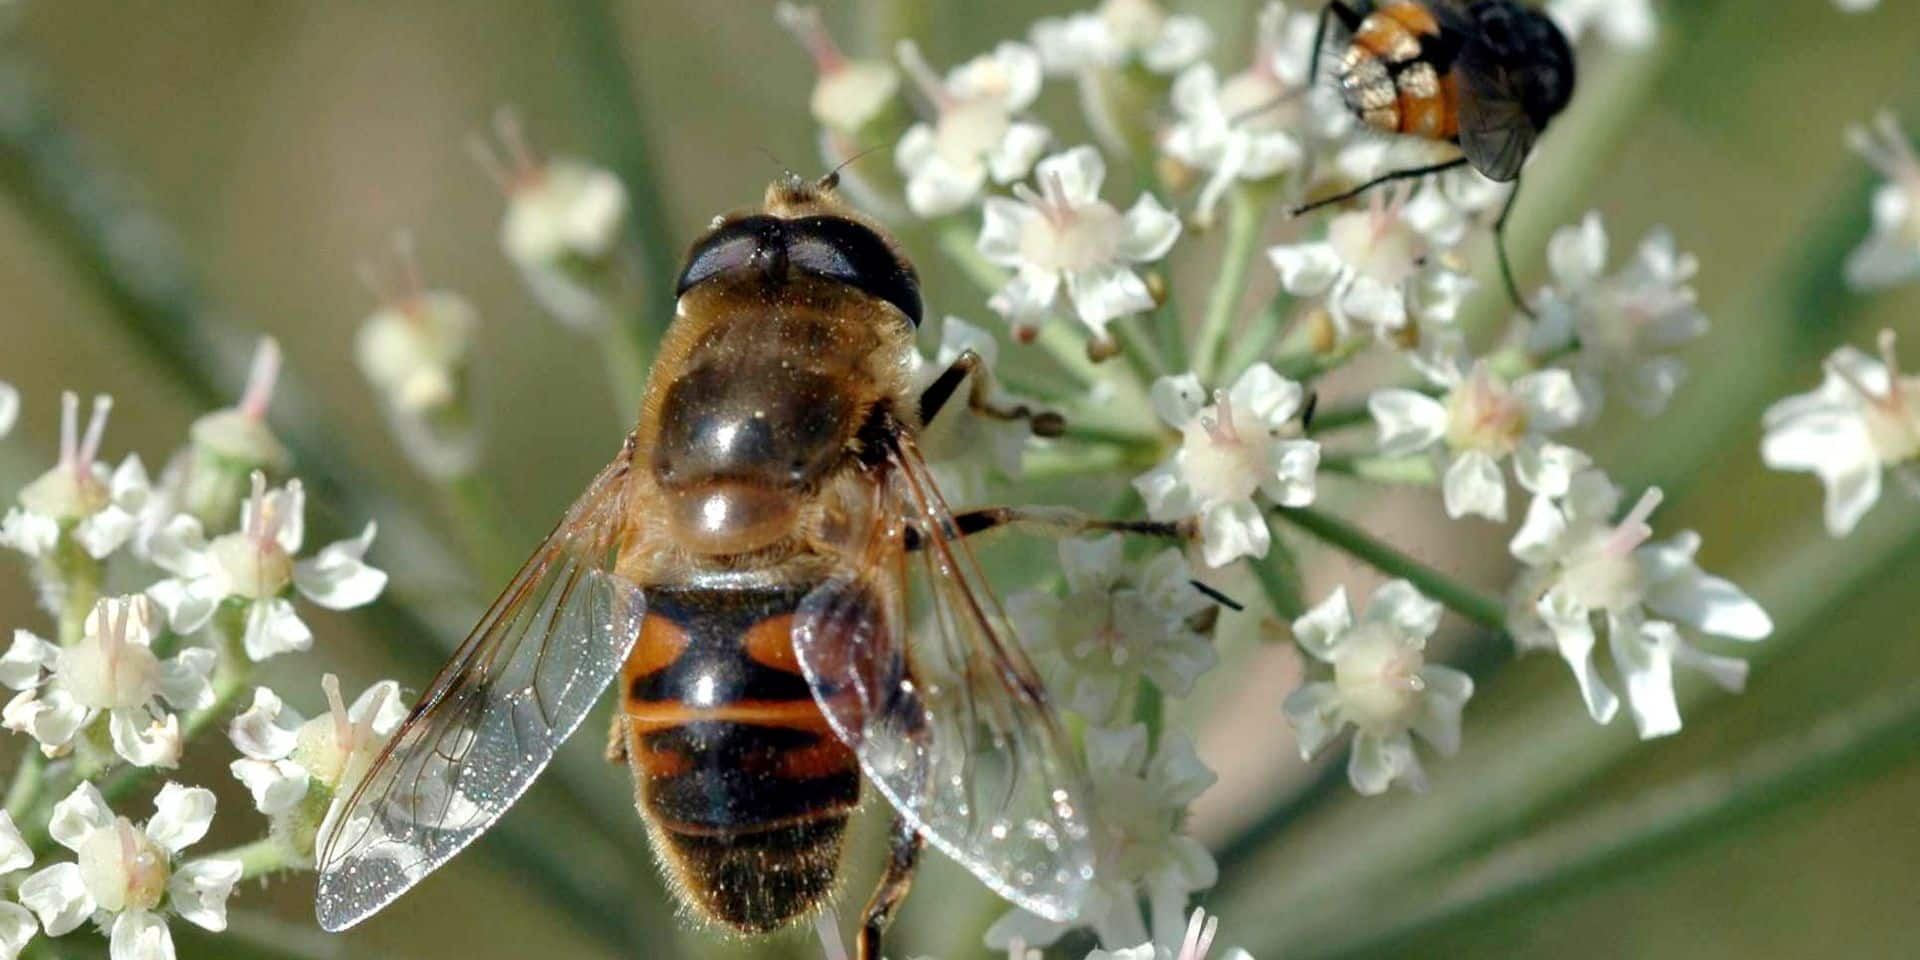 Bruxelles : La moitié des colonies d'abeilles mortes cet hiver